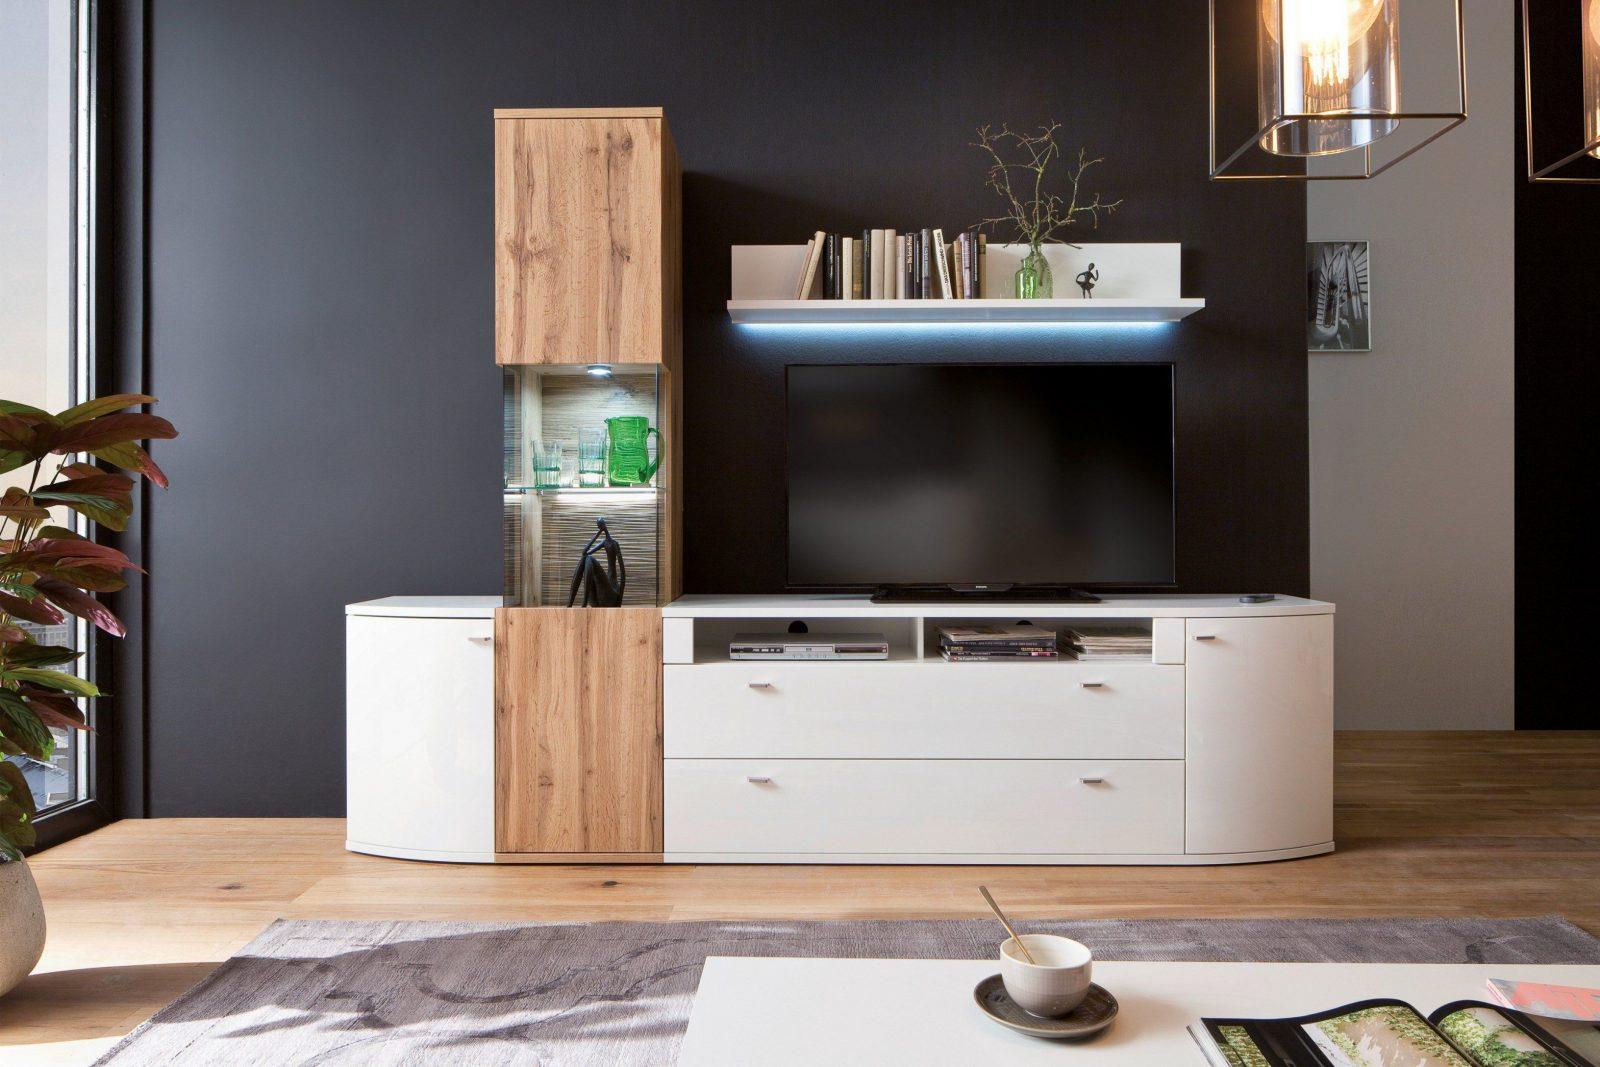 Großartig Wohnwand Auf Raten Wohnwände Günstige Online Kaufen Von